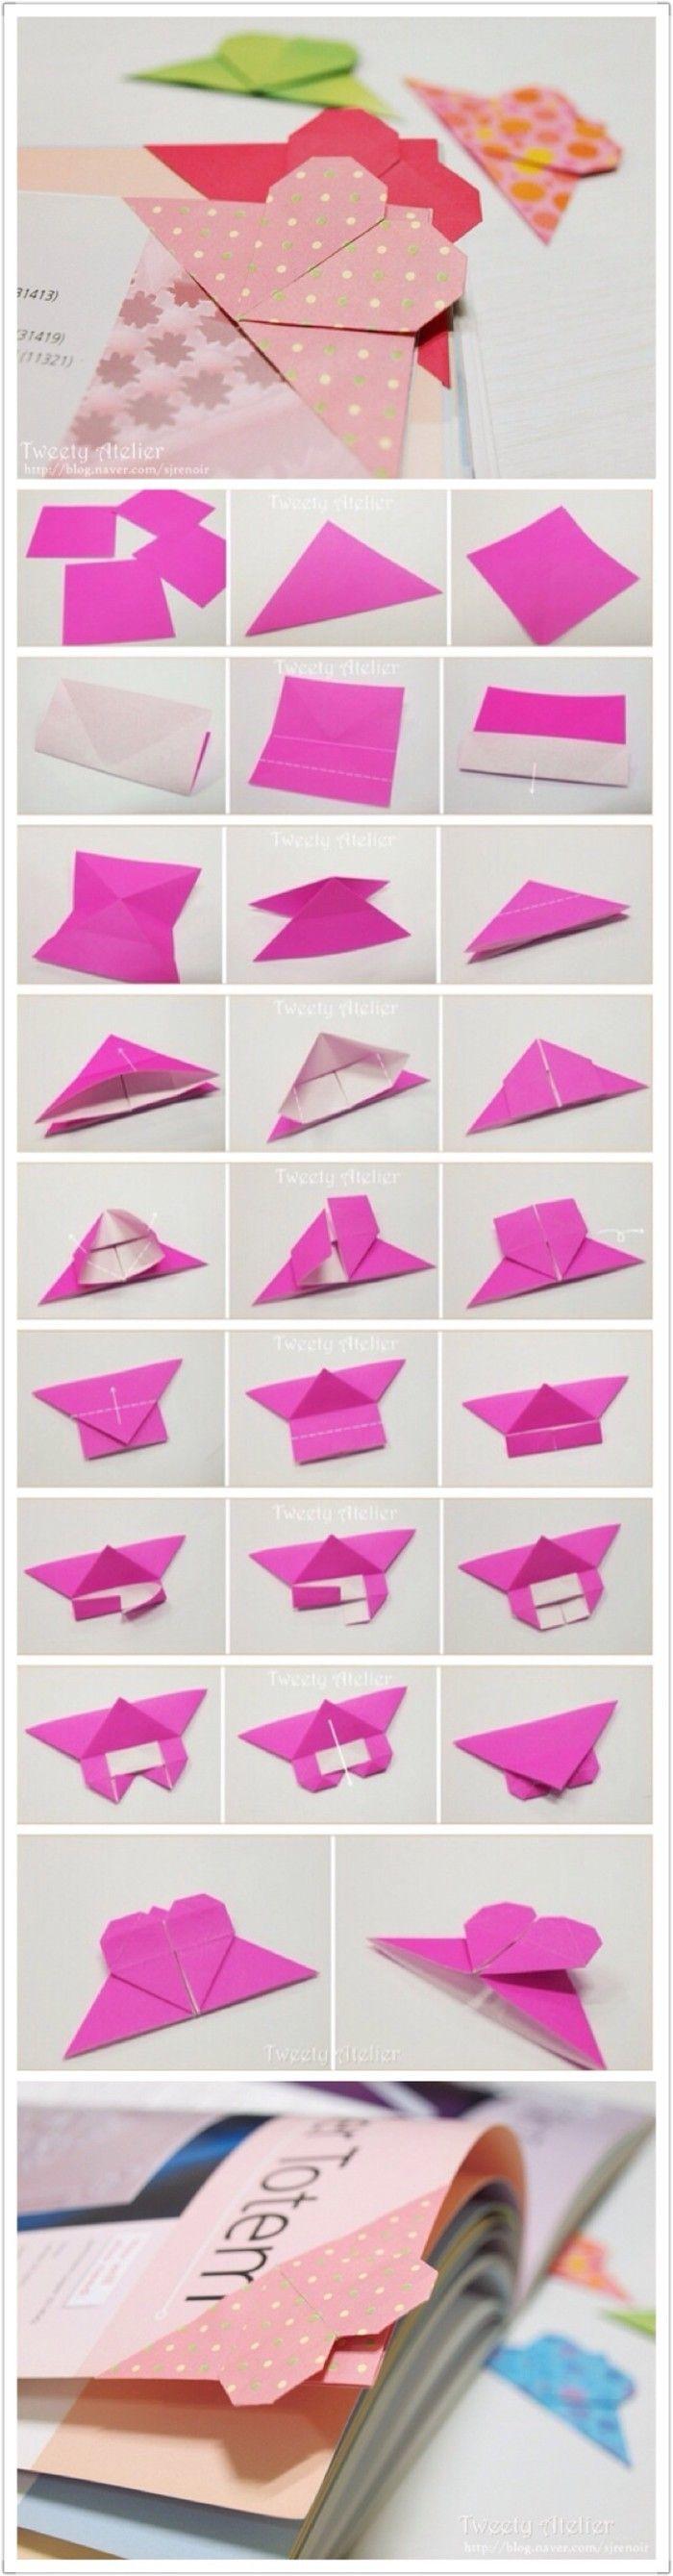 手工达人的心形折纸书签图解